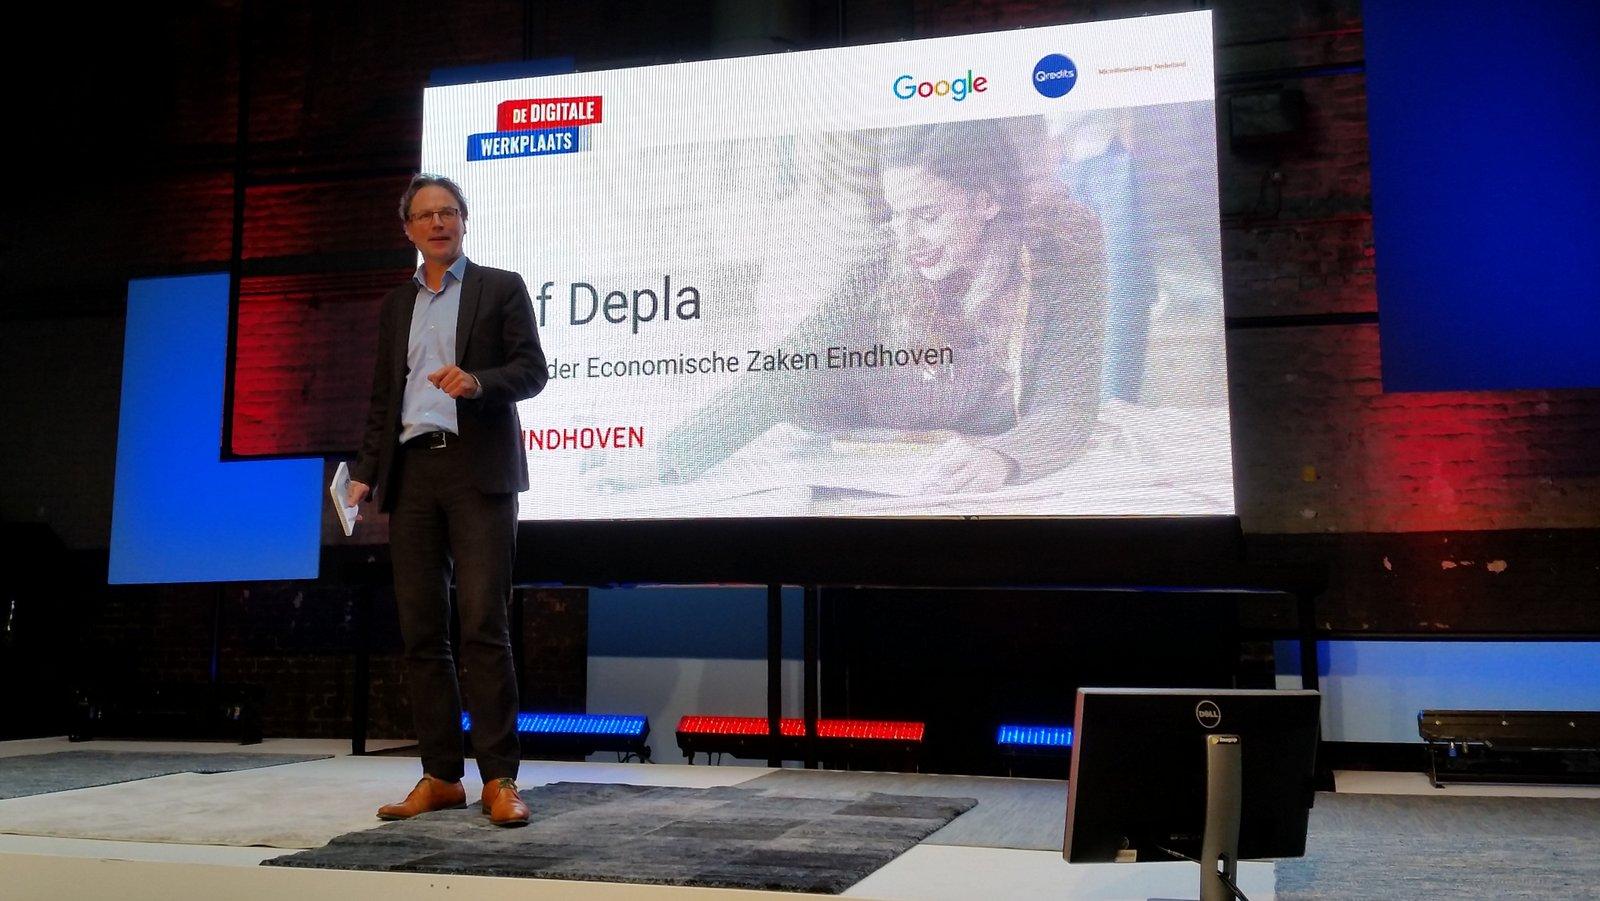 Opening Google Digitale Werkplaats Eindhoven door Wethouder Economische Zaken Staf Depla